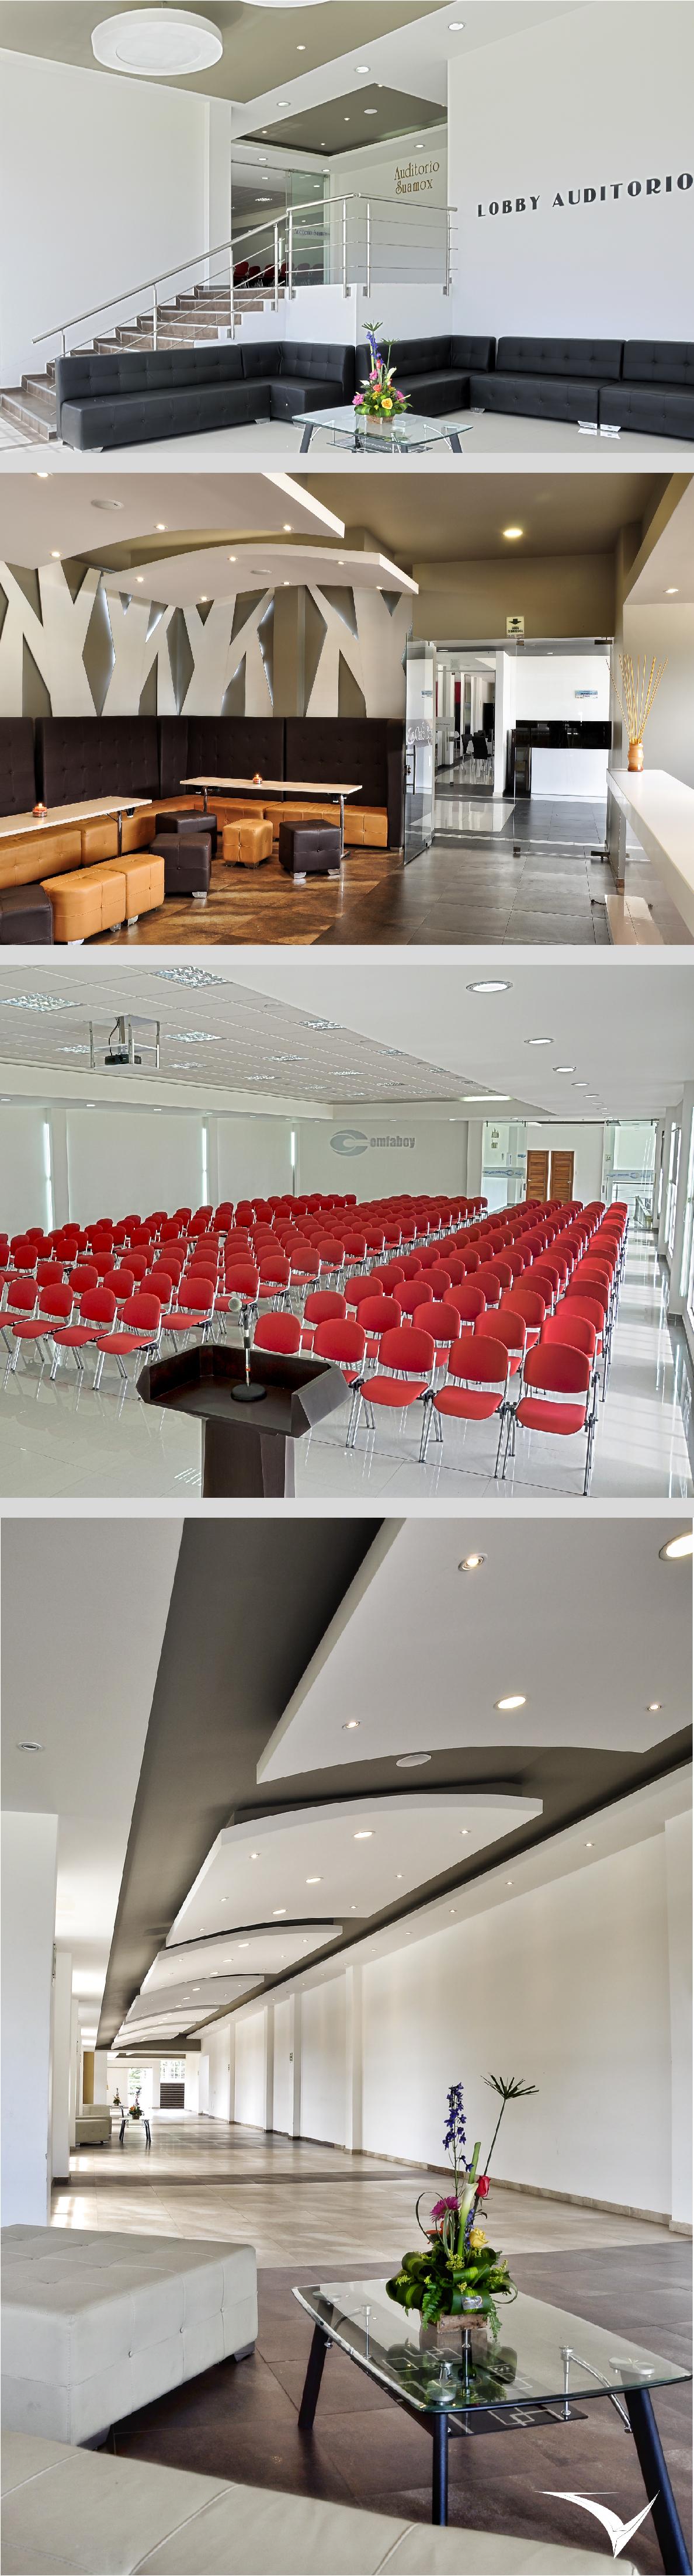 Proyecto de dise o del centro de convenciones confaboy - Proyecto diseno de interiores ...